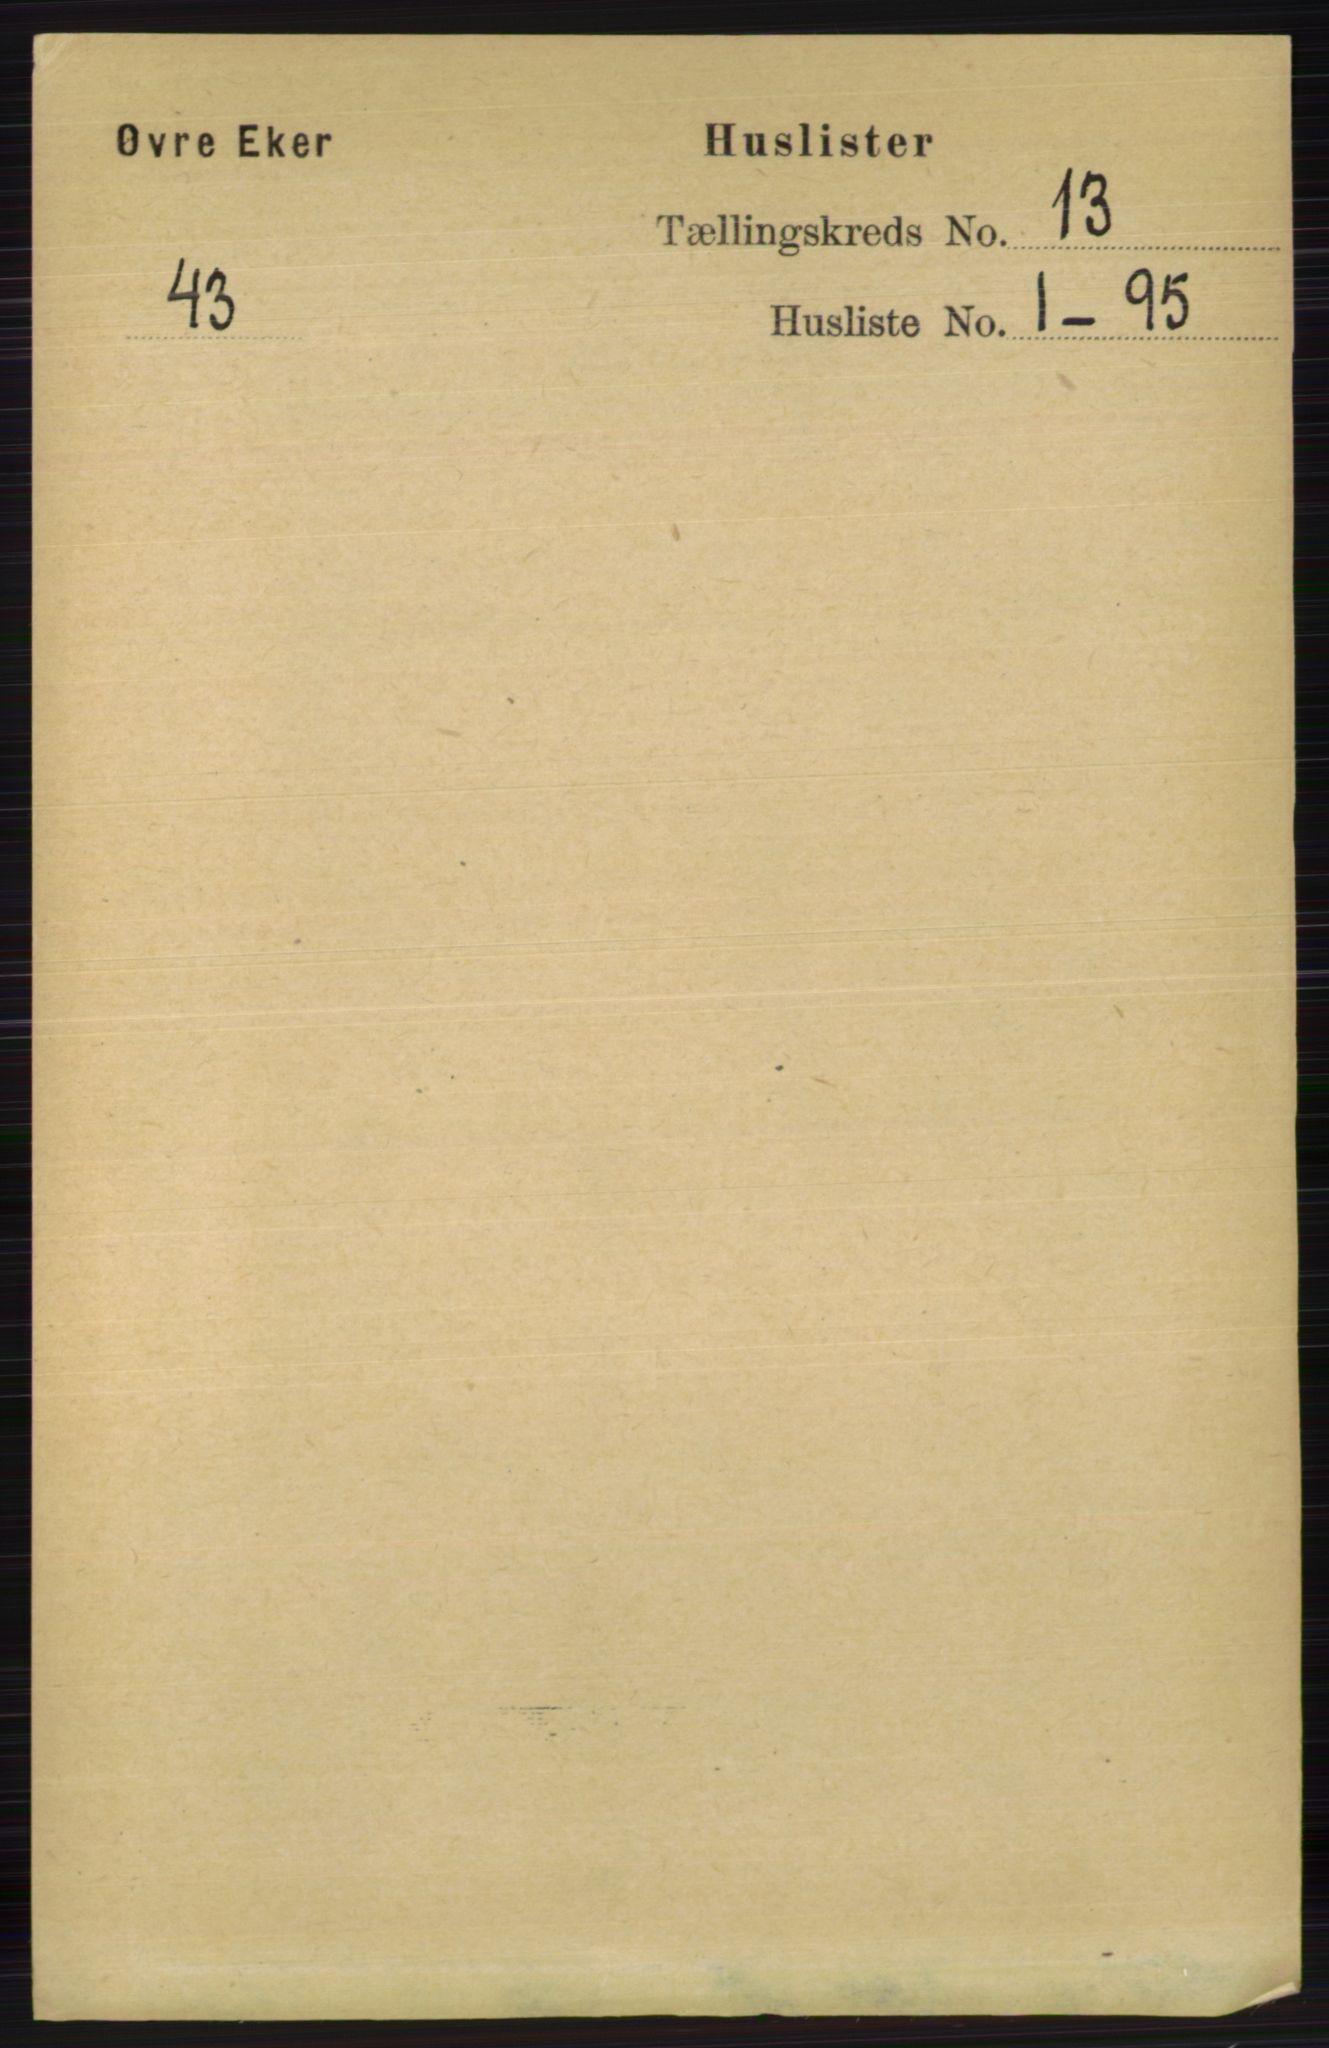 RA, Folketelling 1891 for 0624 Øvre Eiker herred, 1891, s. 5779